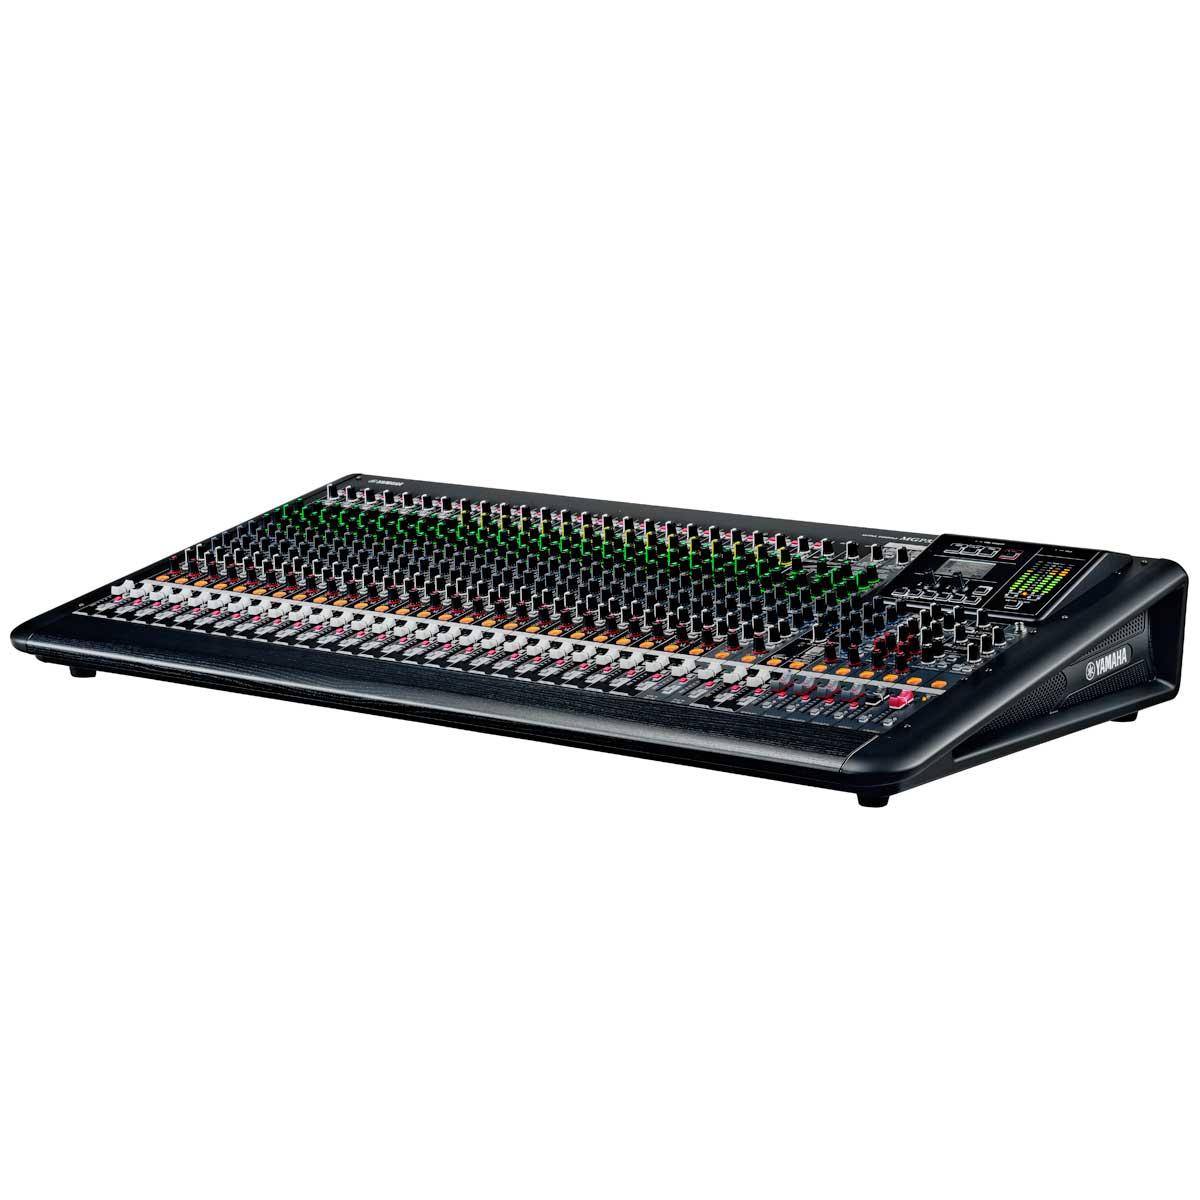 Mesa de Som 32 Canais (24 XLR + 4 P10 Balanceadas + 4 RCA) c/ USB / Efeito / Phantom / 6 Auxiliares - MGP 32 X Yamaha